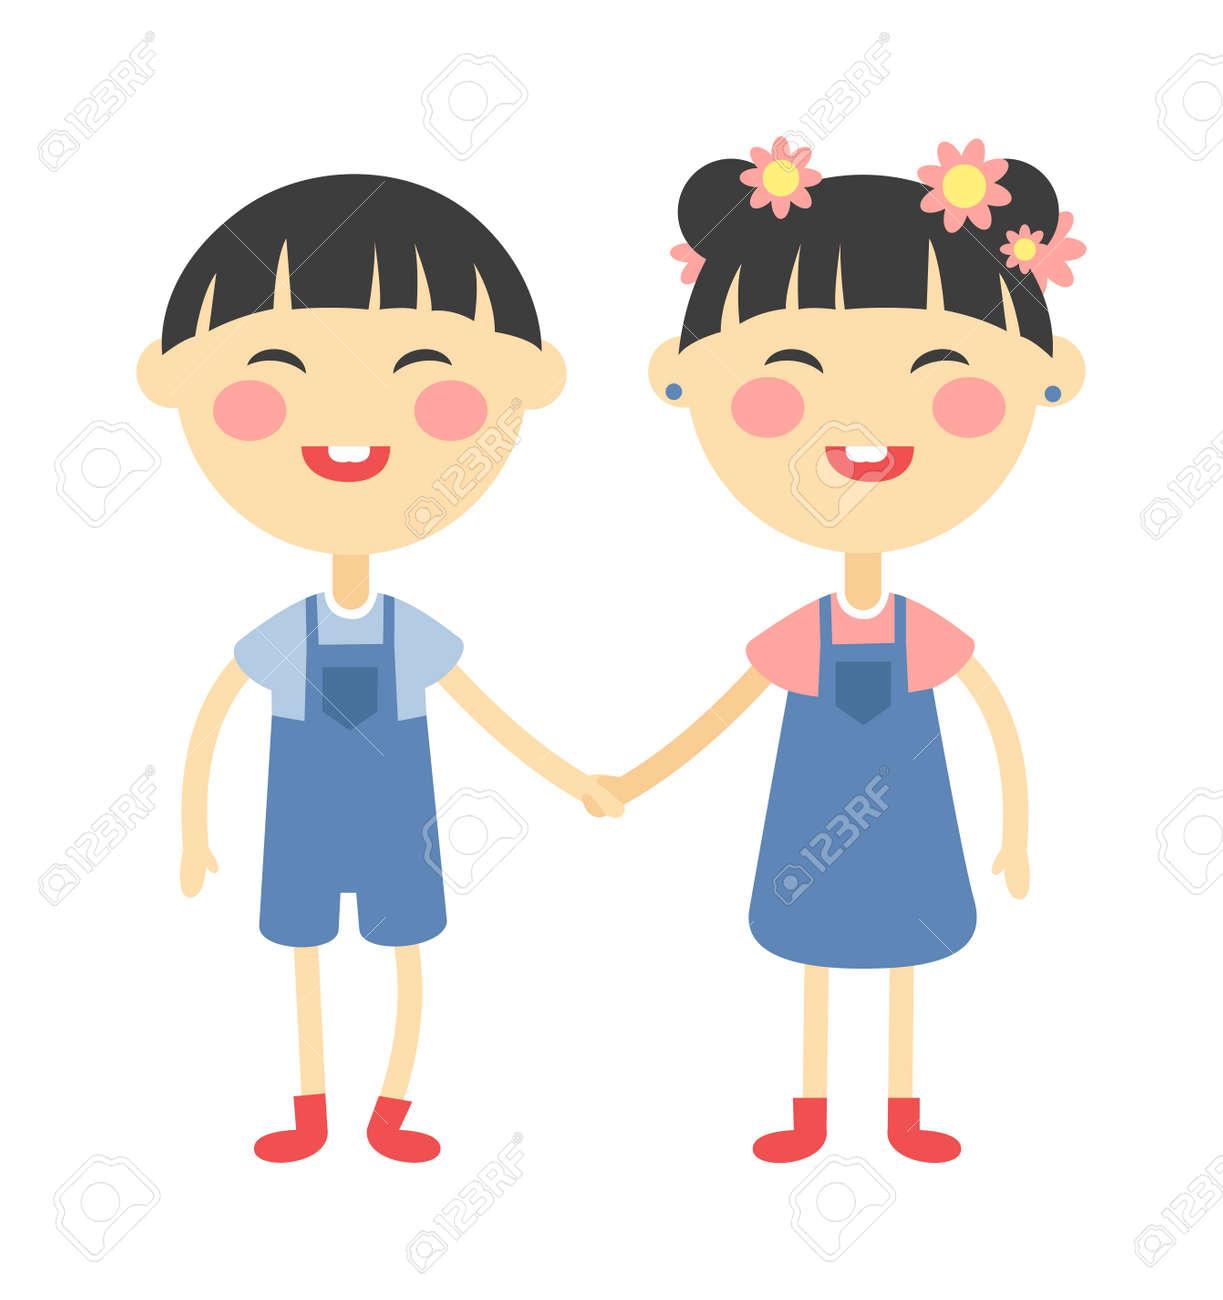 双子の子供手を繋いでいるとかわいい双子の子供一緒に。押し手の男の子と